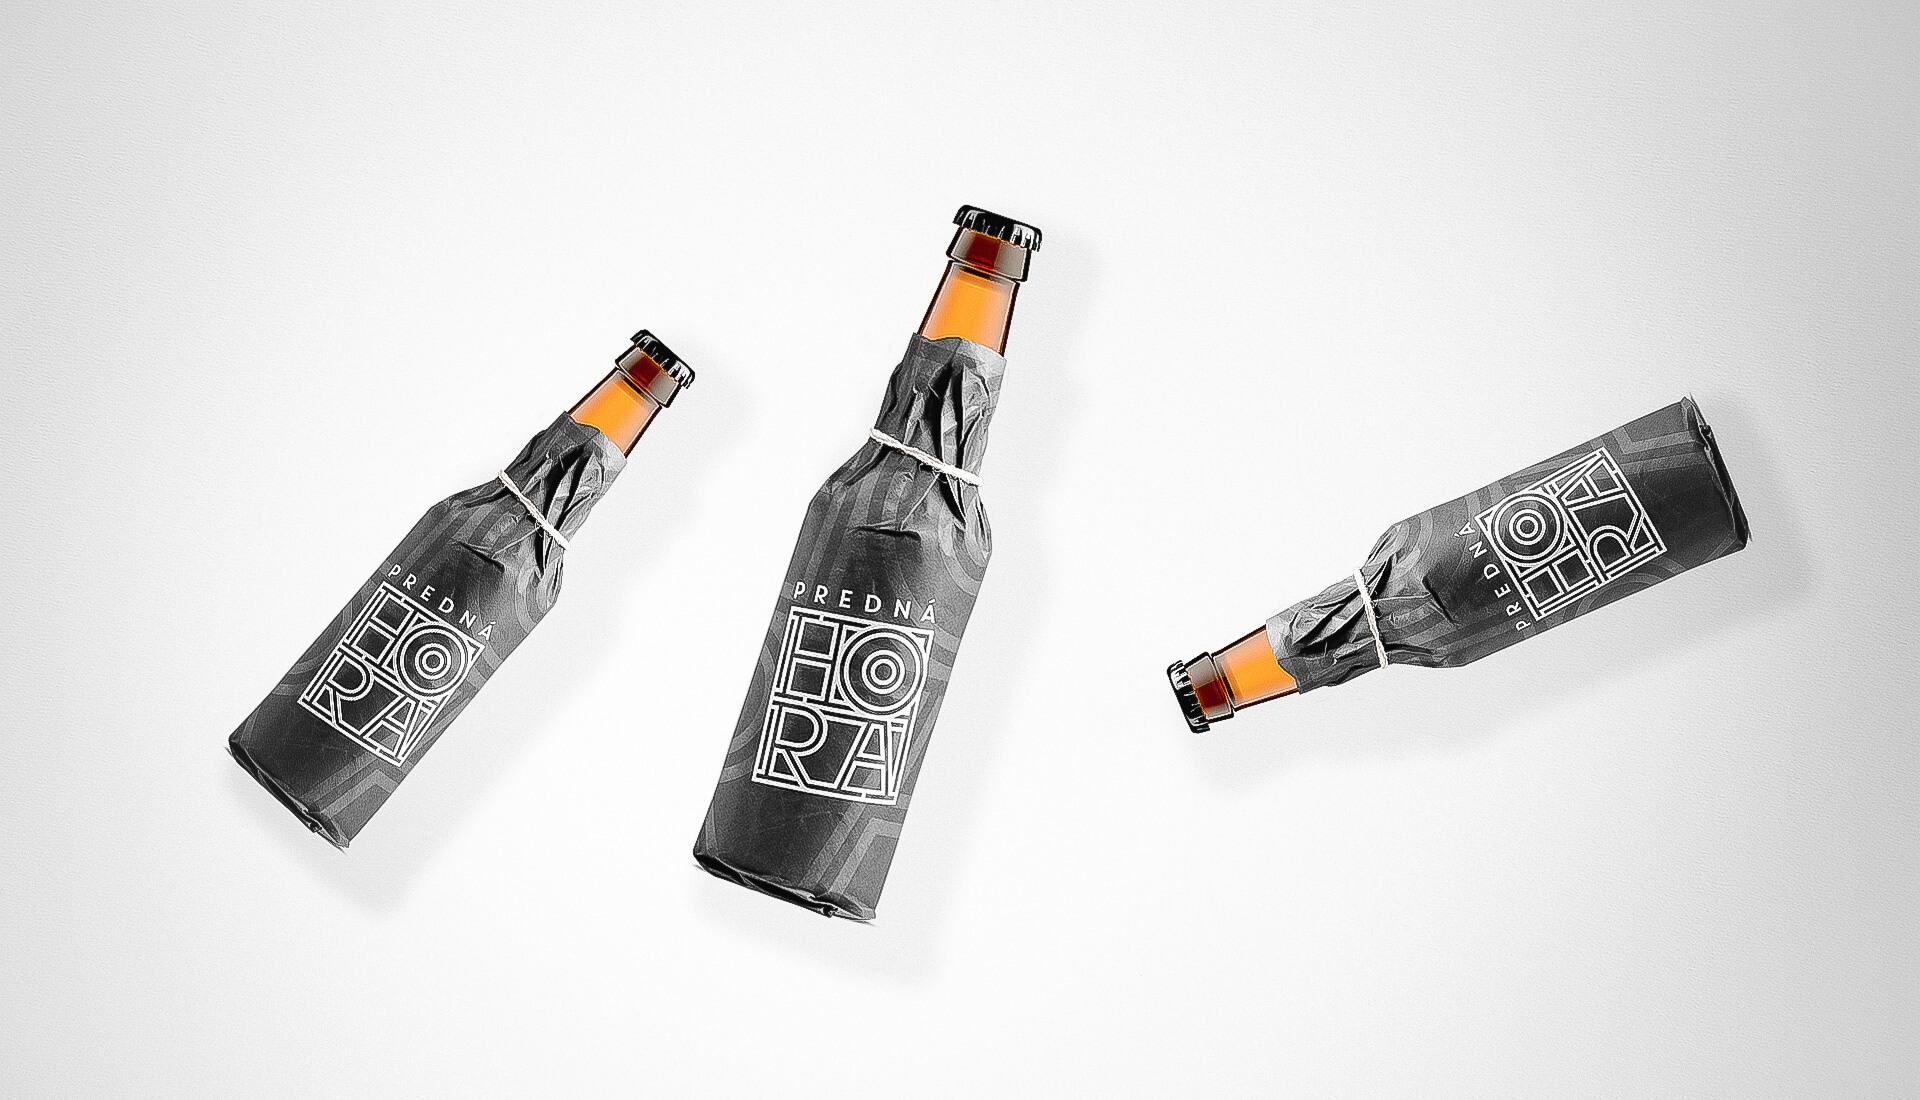 Etiketa na pivo, obalový dizajn wrap na fľašu Predná Hora